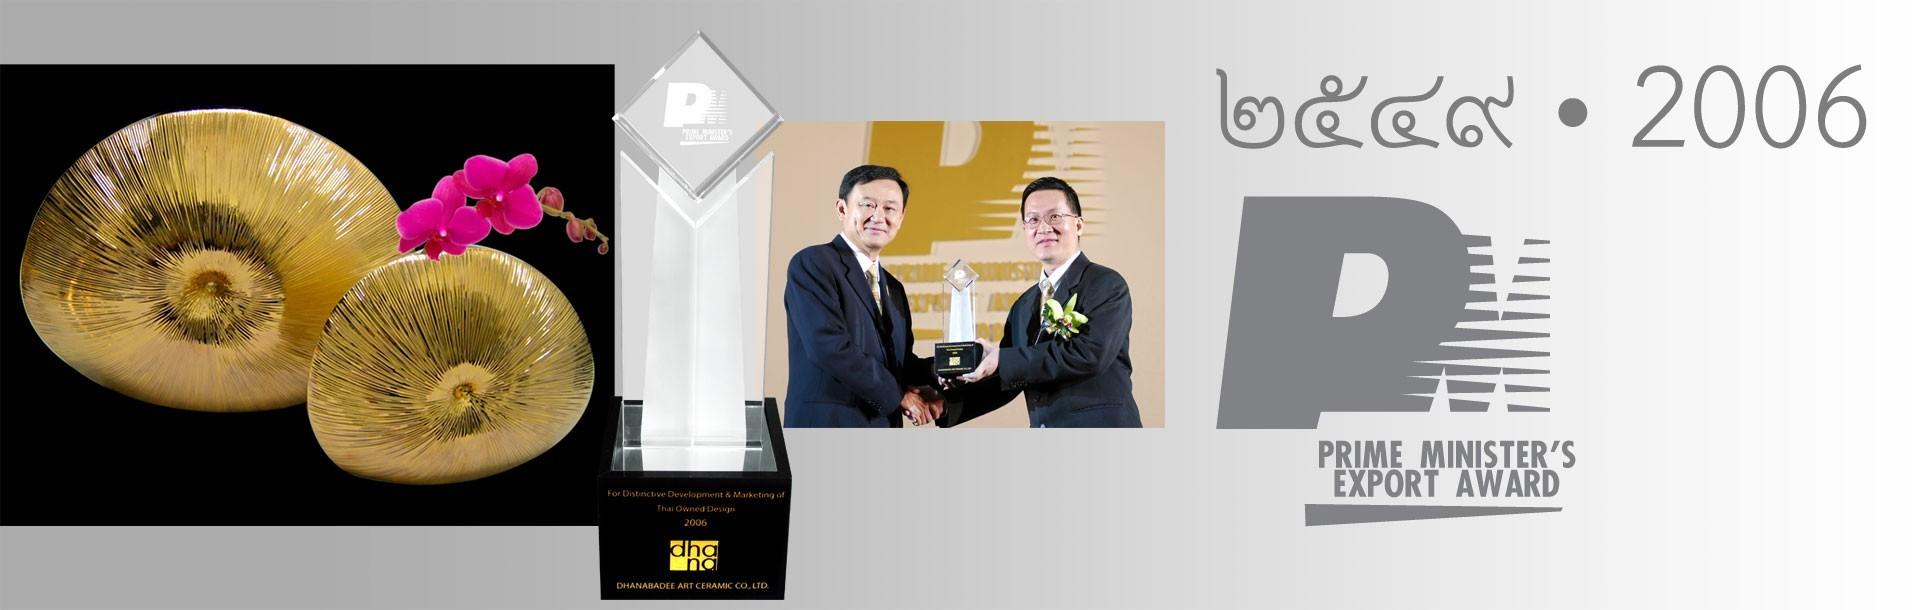 PM Award 2006 : ประเภทผู้ส่งออกที่มีดีไซน์ดี